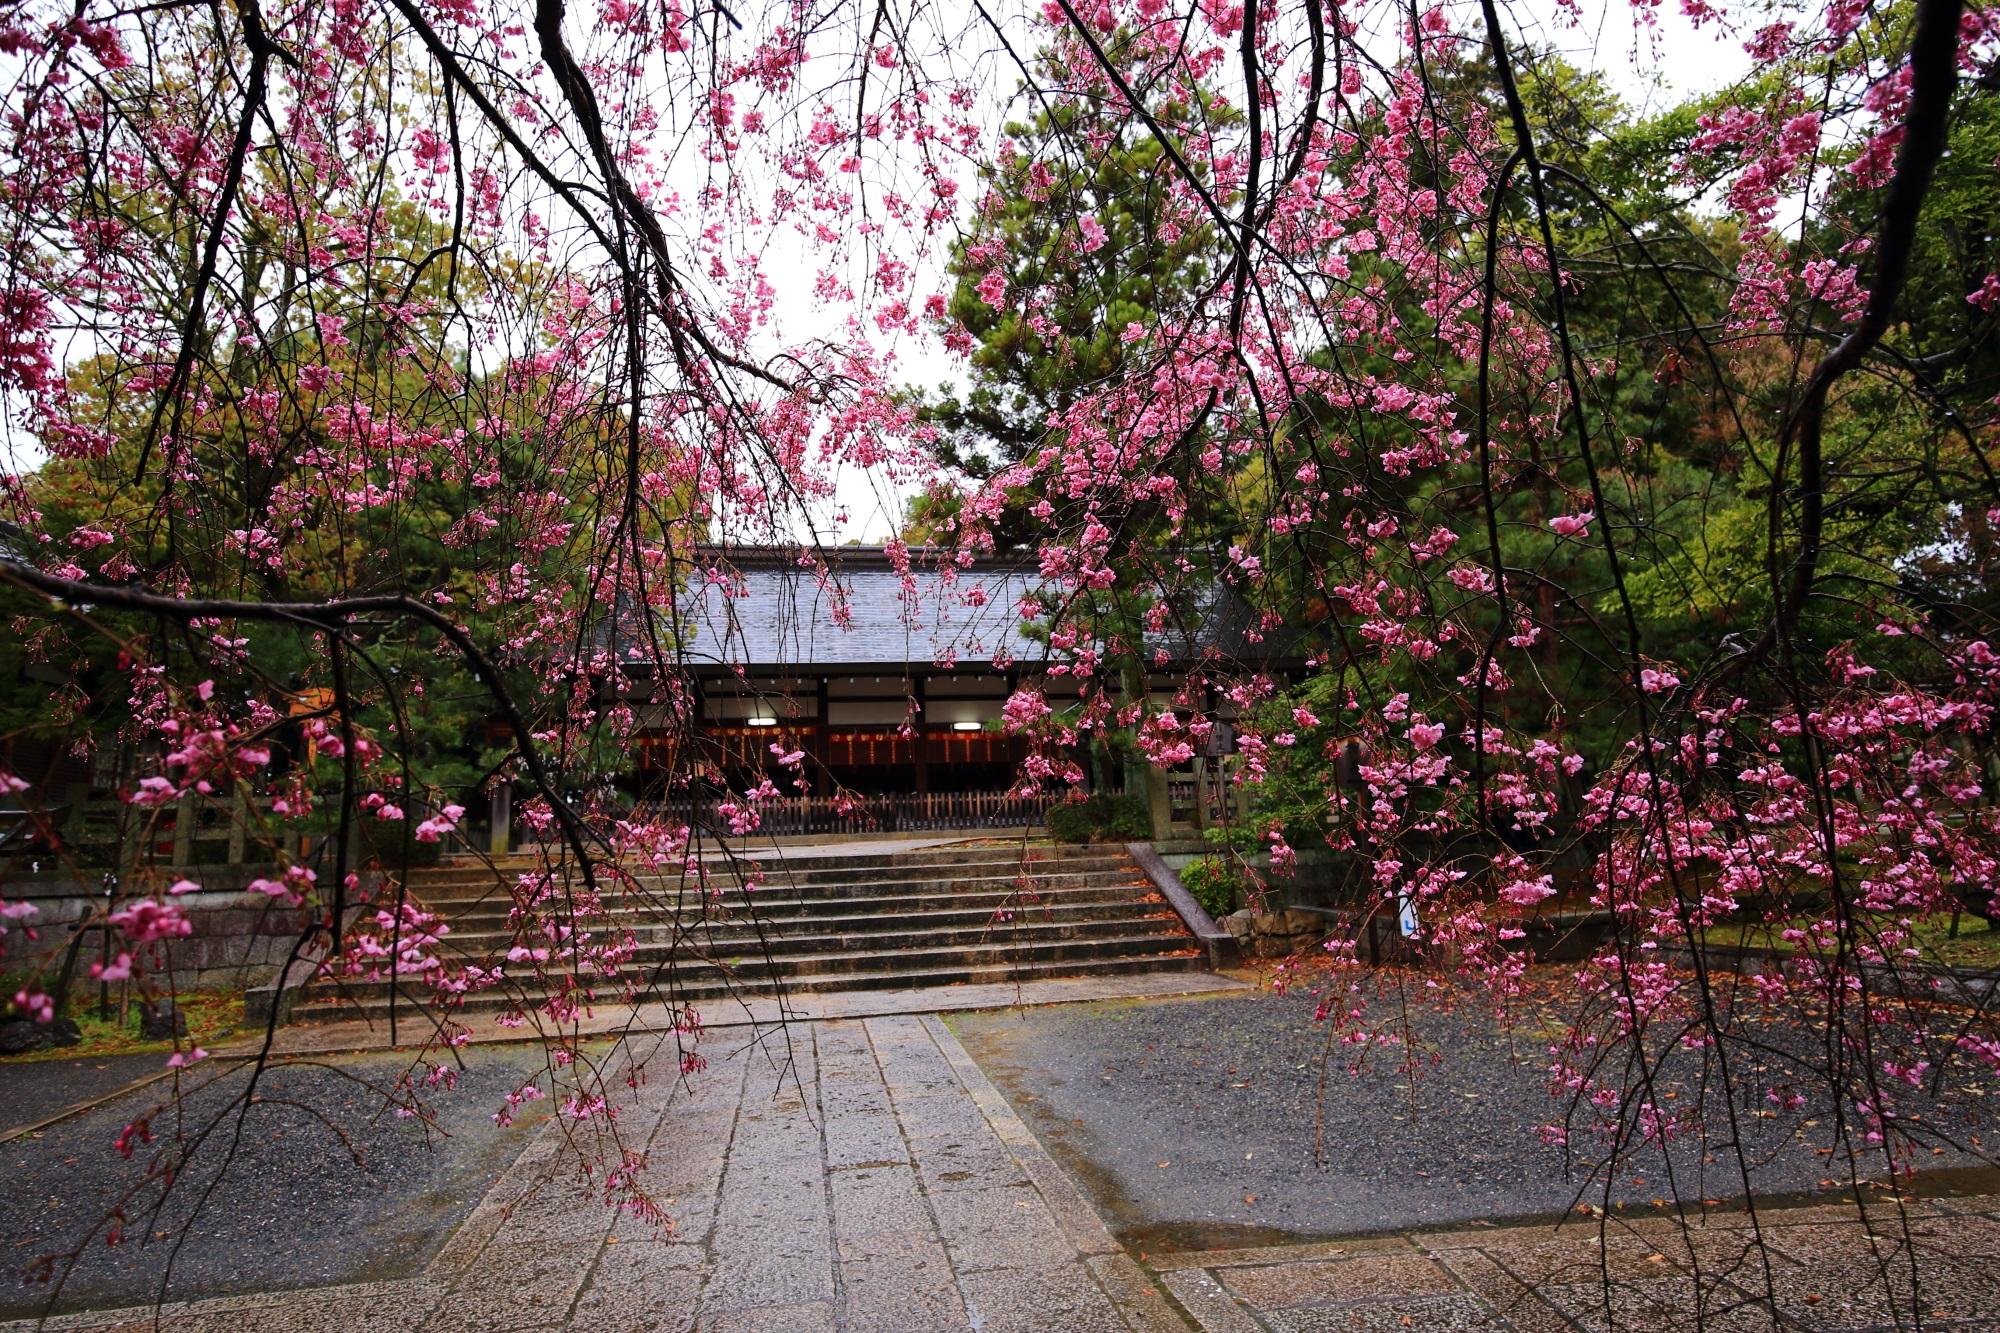 宗忠神社の拝殿としだれ桜